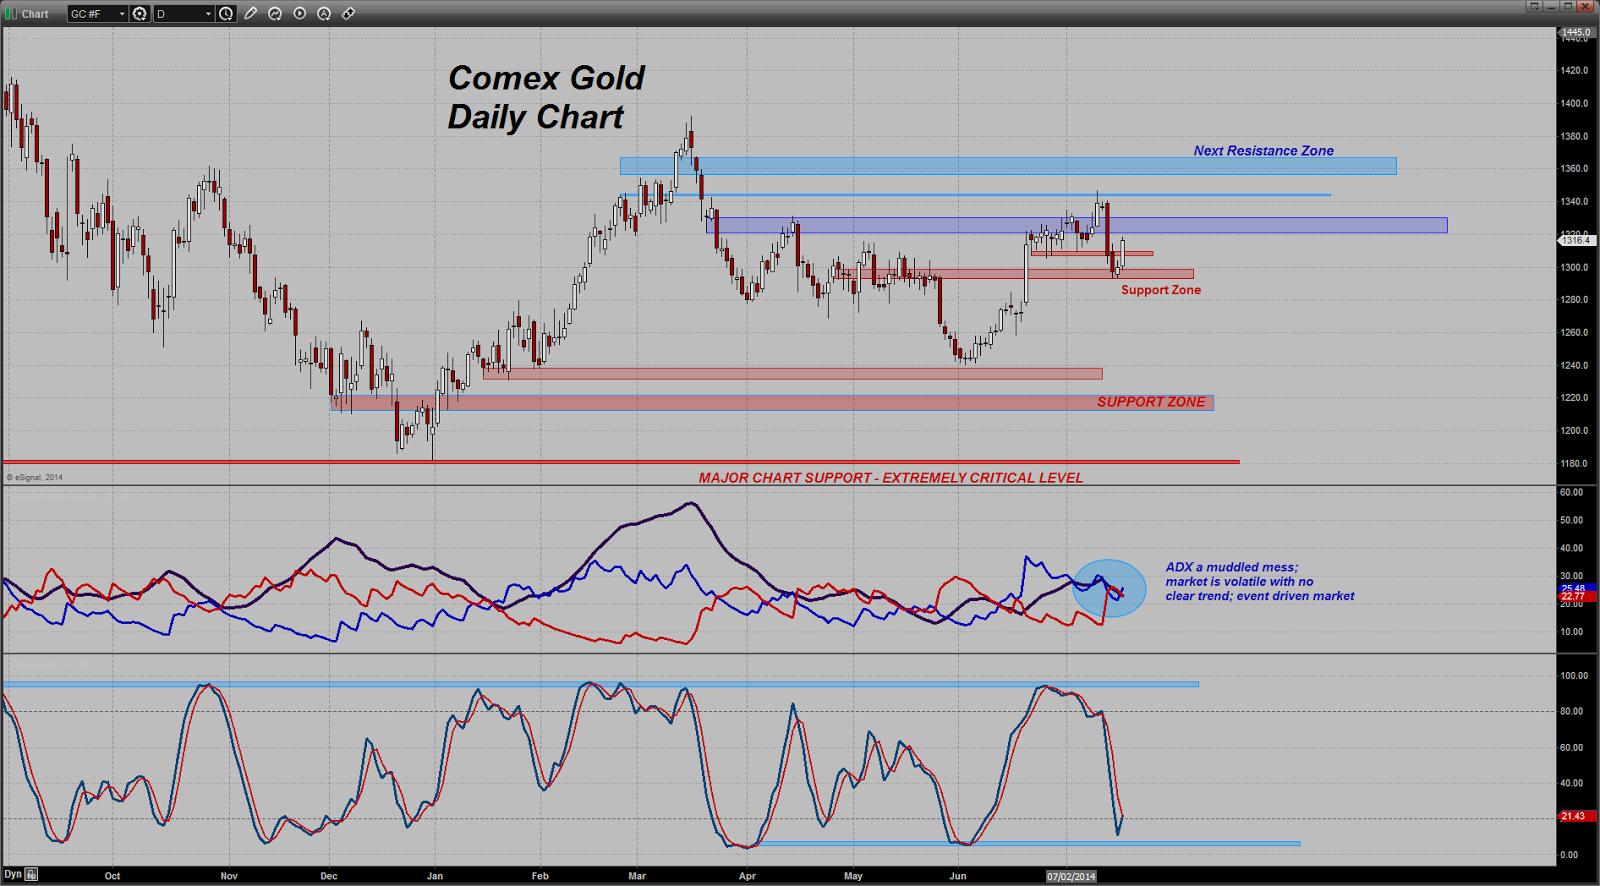 prix de l'or, de l'argent et des minières / suivi quotidien en clôture - Page 13 Chart20140717083607